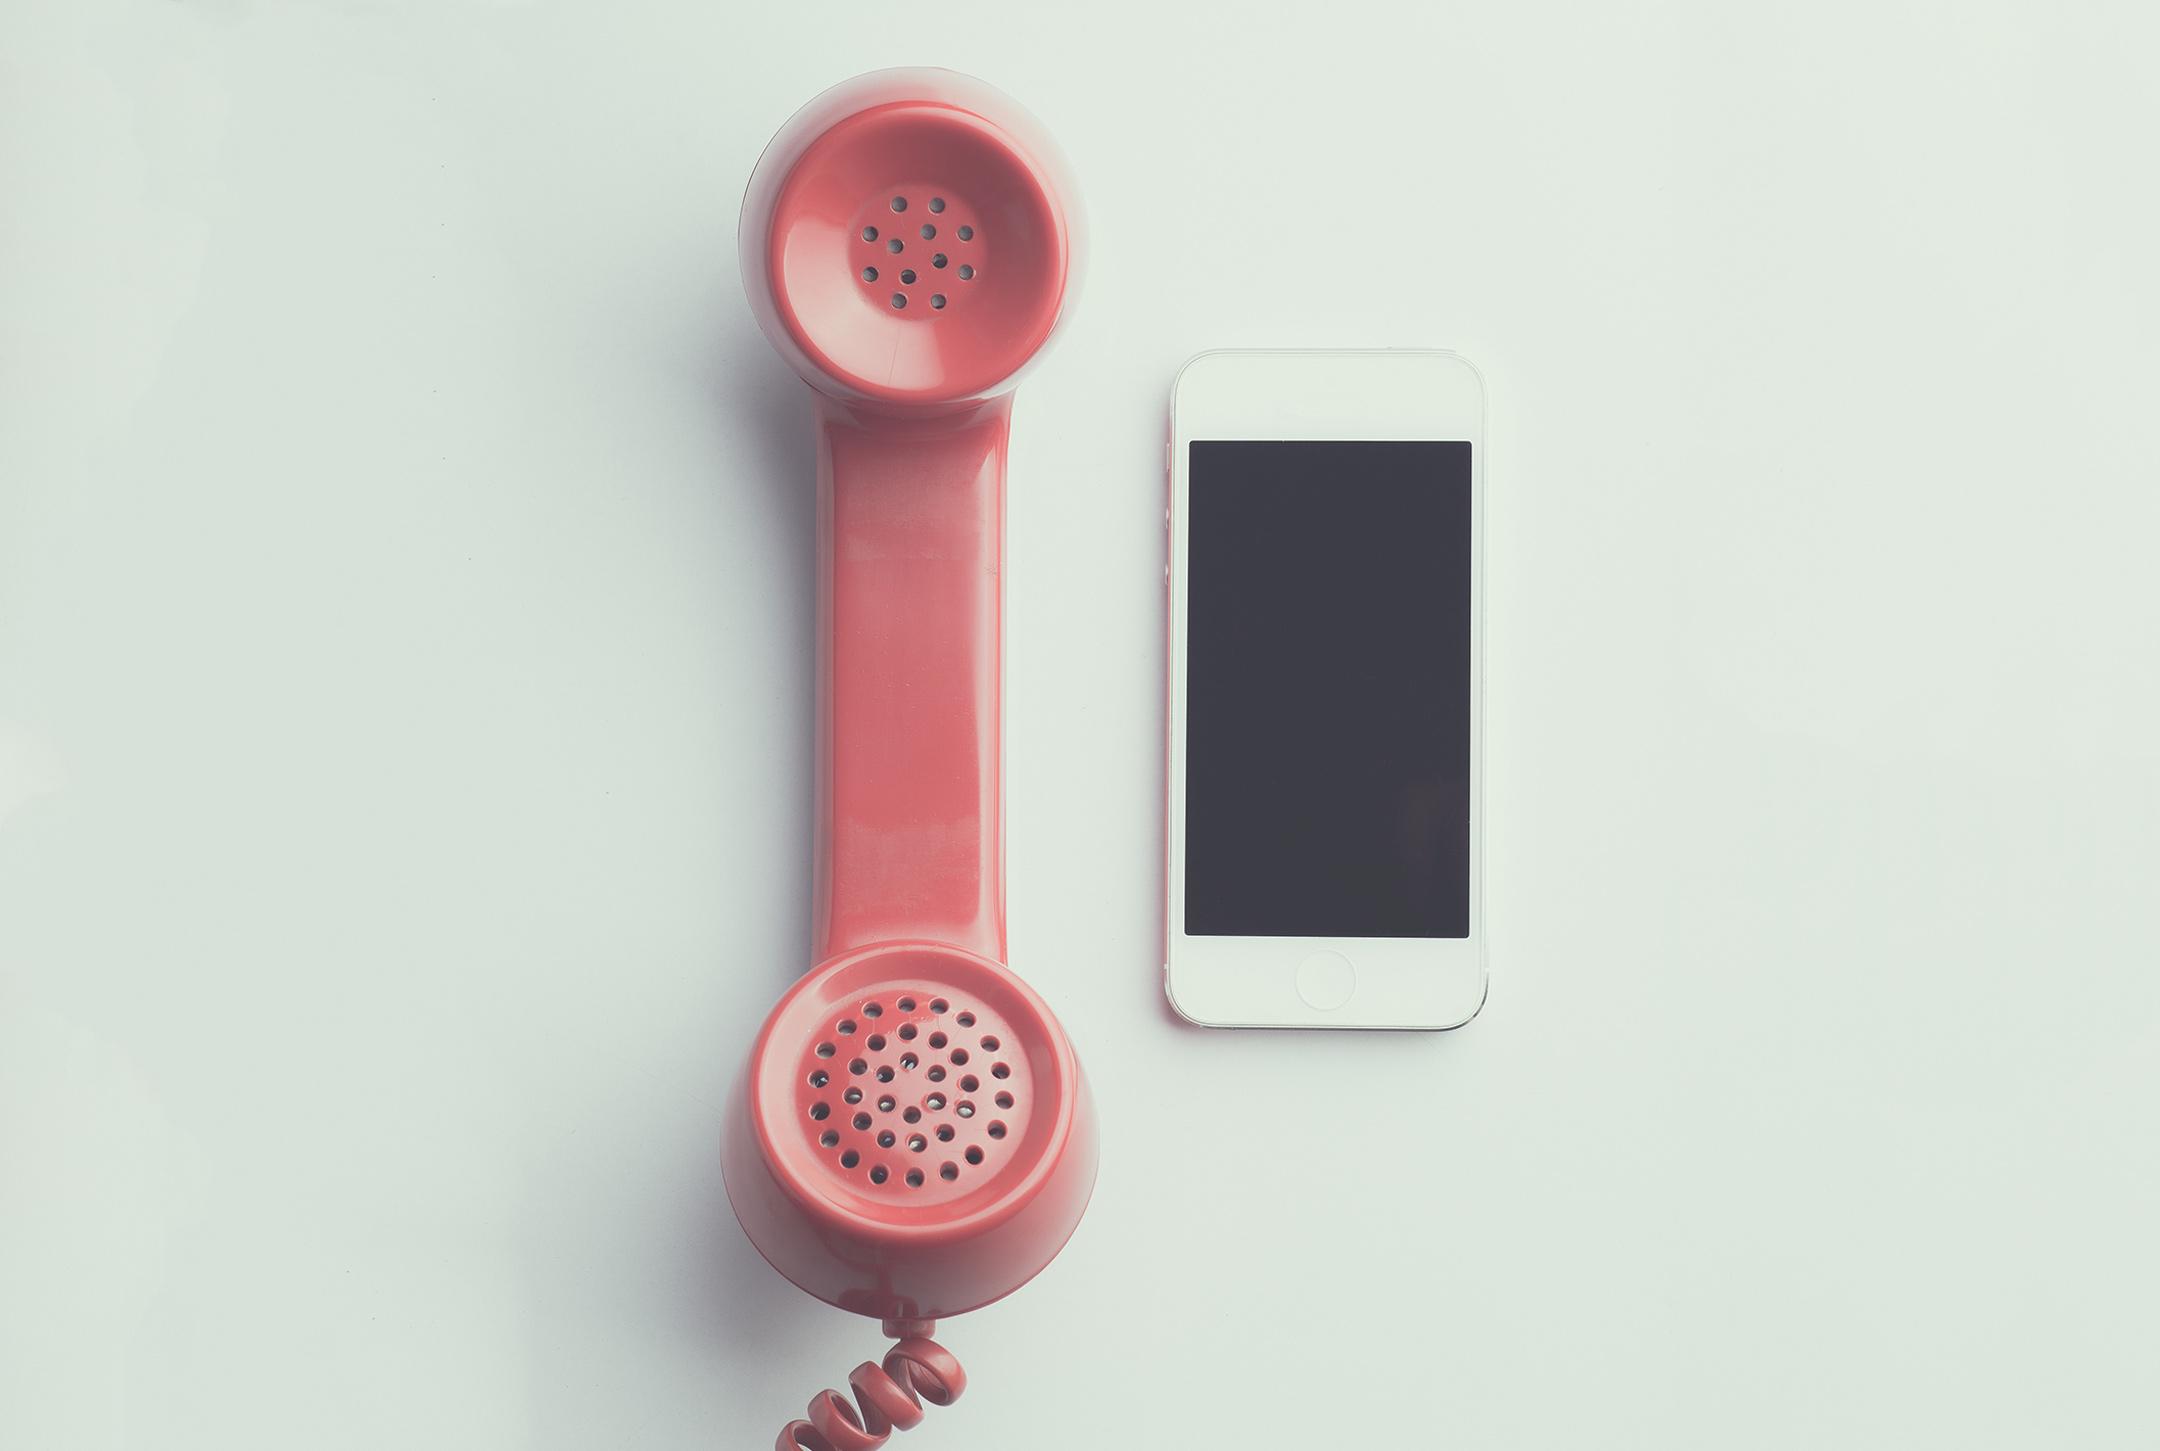 К вопросу о том, как технологии меняют сферу человеческих коммуникаций